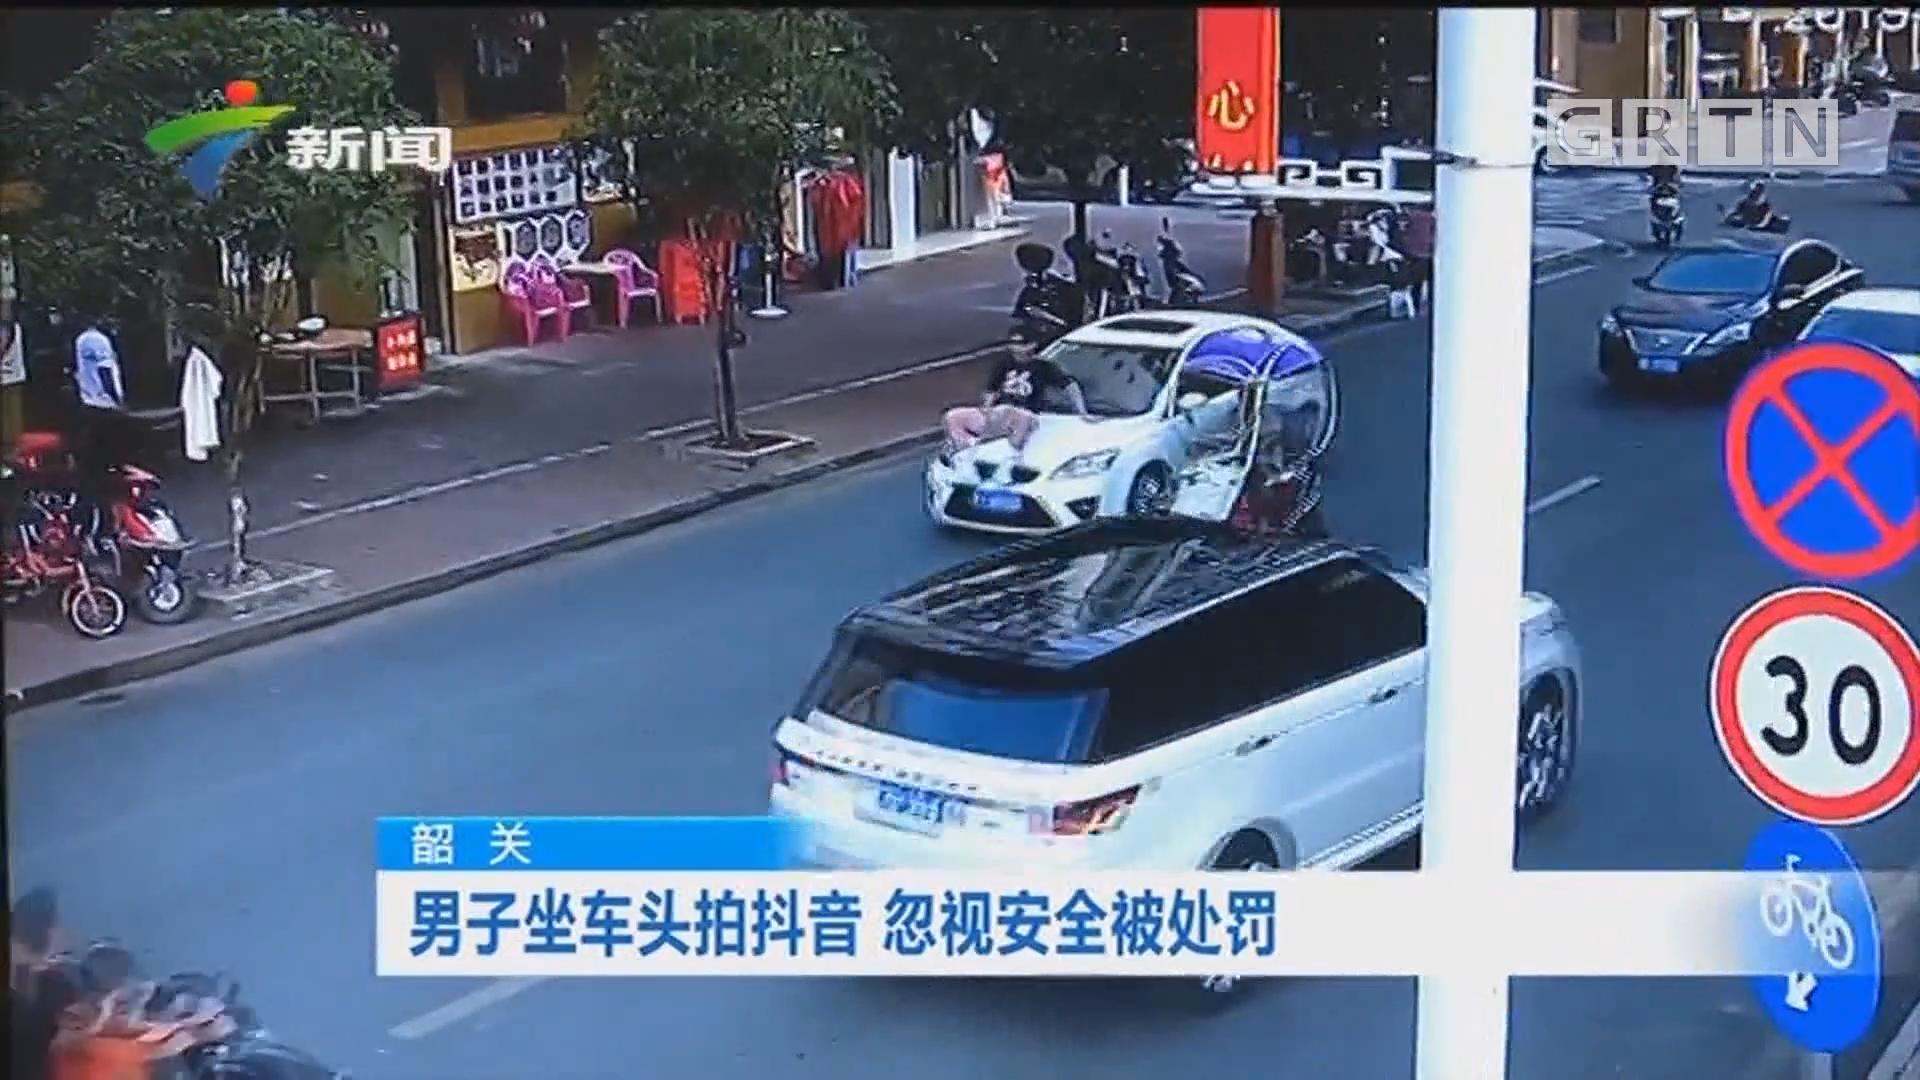 韶关:男子坐车头拍抖音 忽视安全被处罚